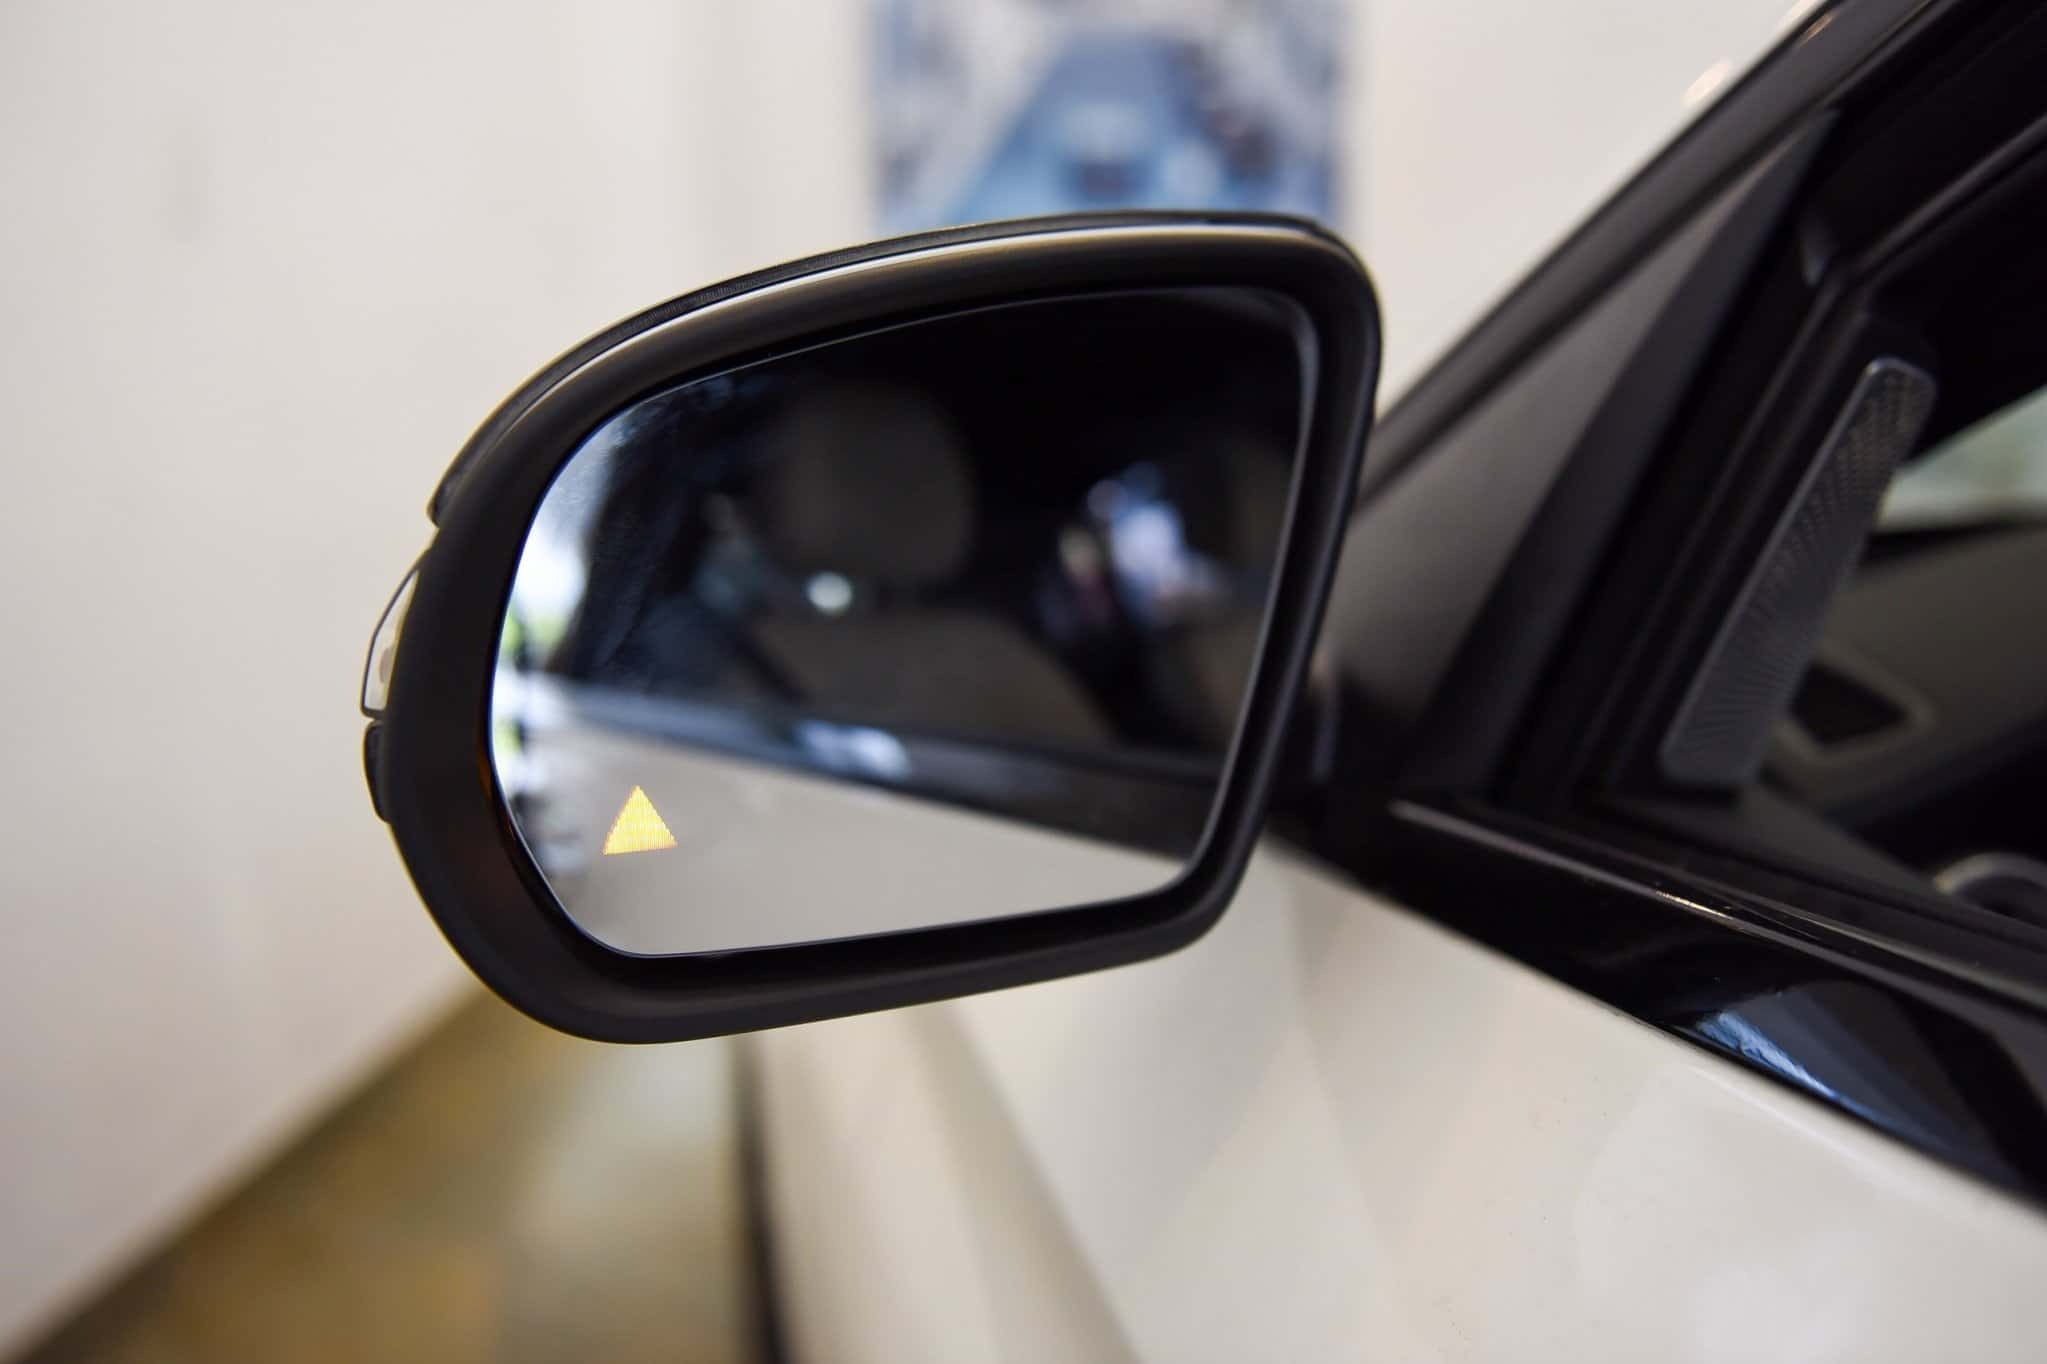 Hệ thống cảnh báo điểm mù trên gương